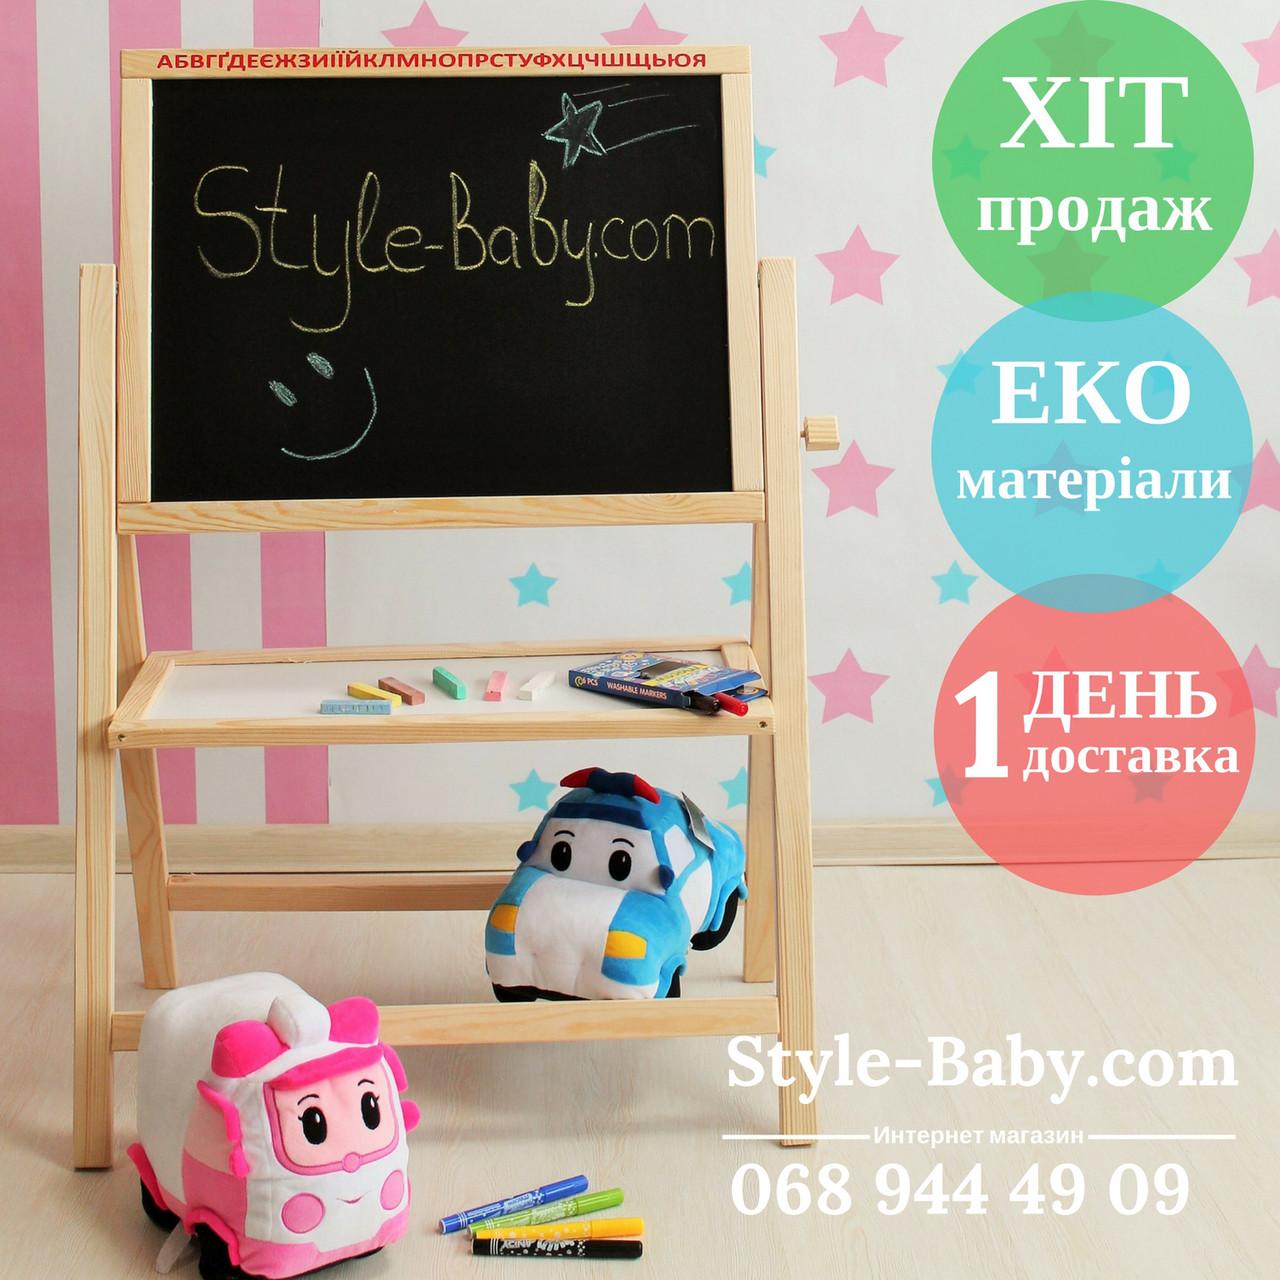 Мольберт двухсторонний магнитный для рисования мелом и маркерами  крутяшка - Style-Baby детский магазин в Киеве